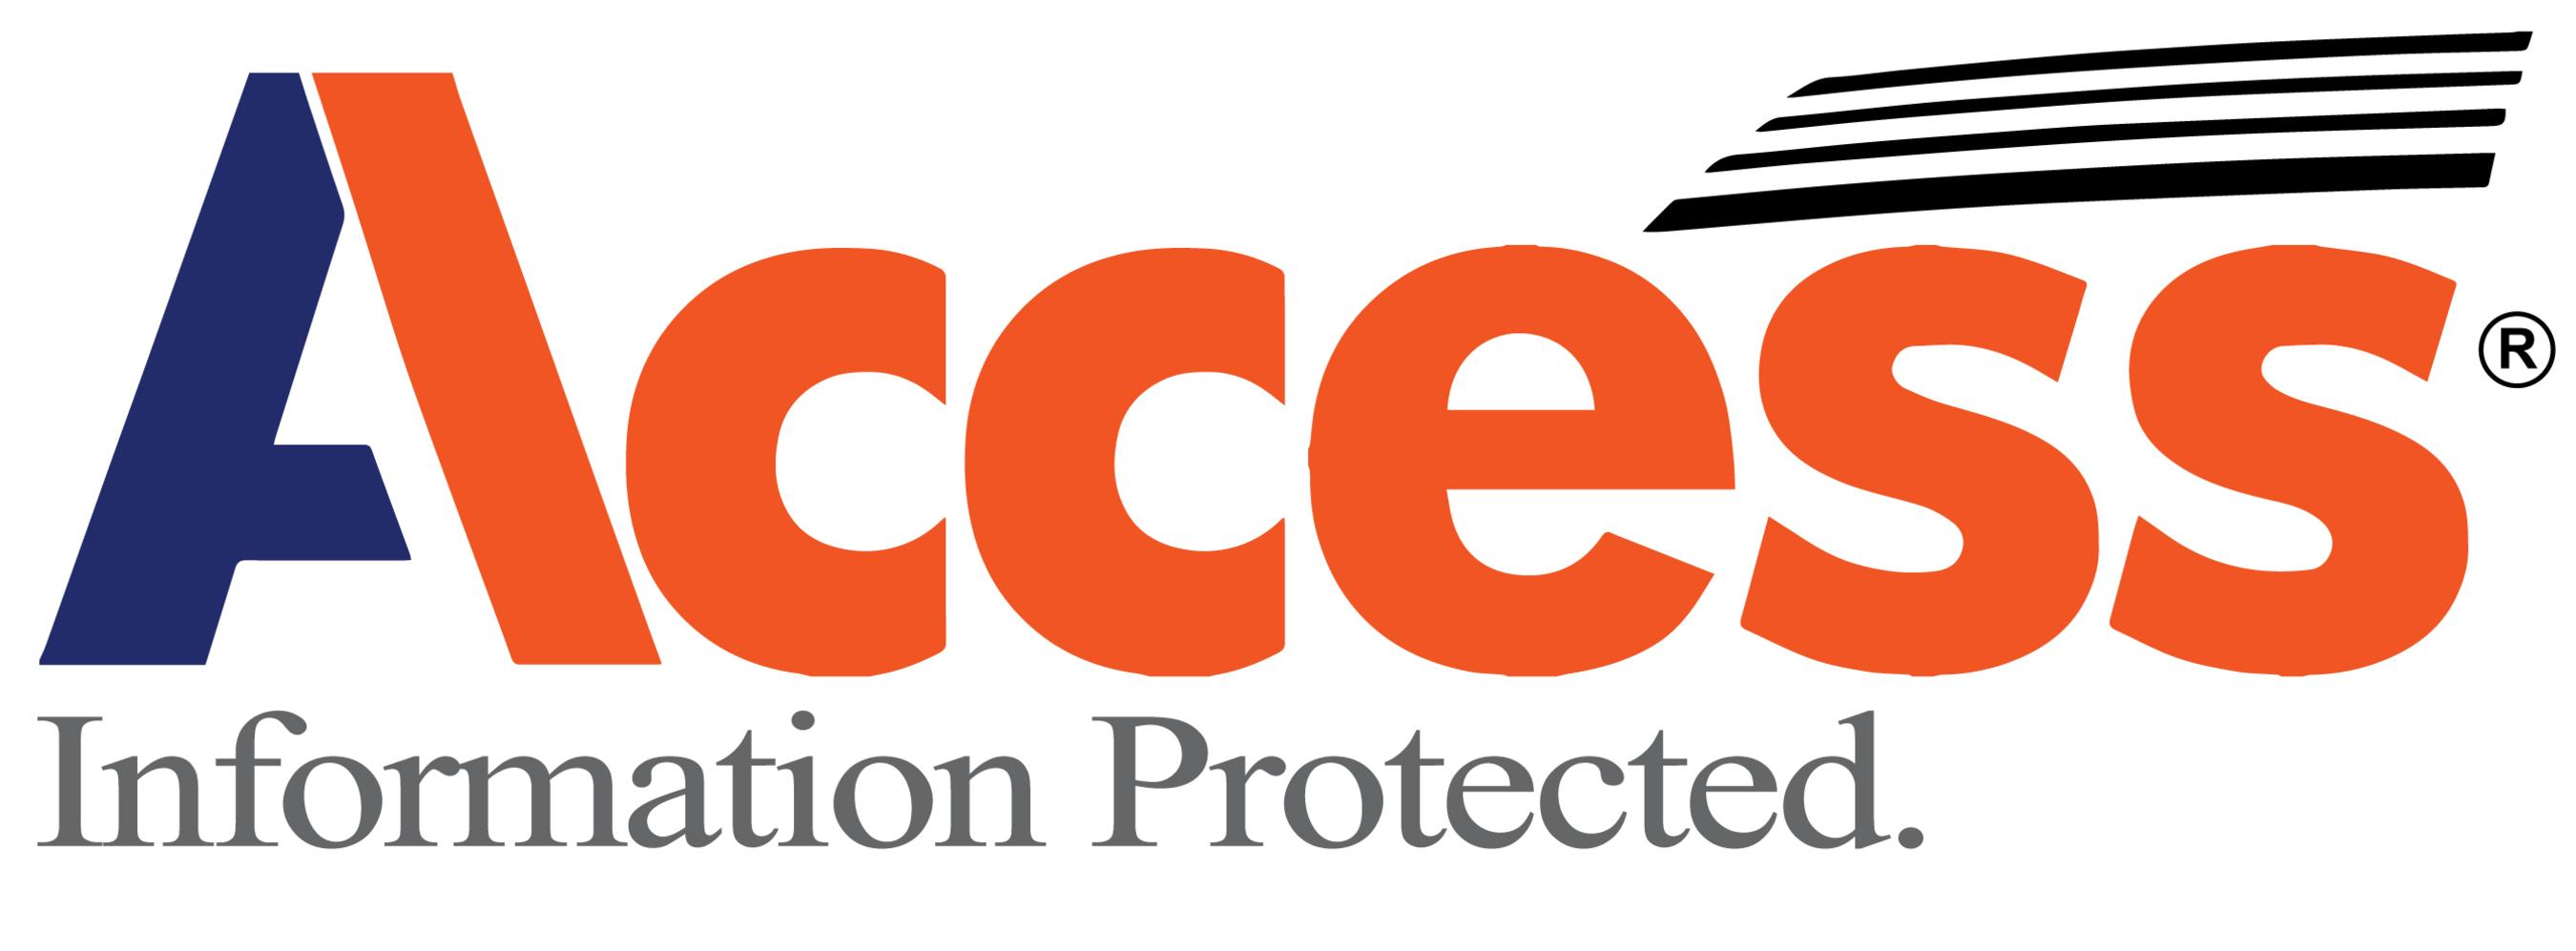 Access Company Logo.